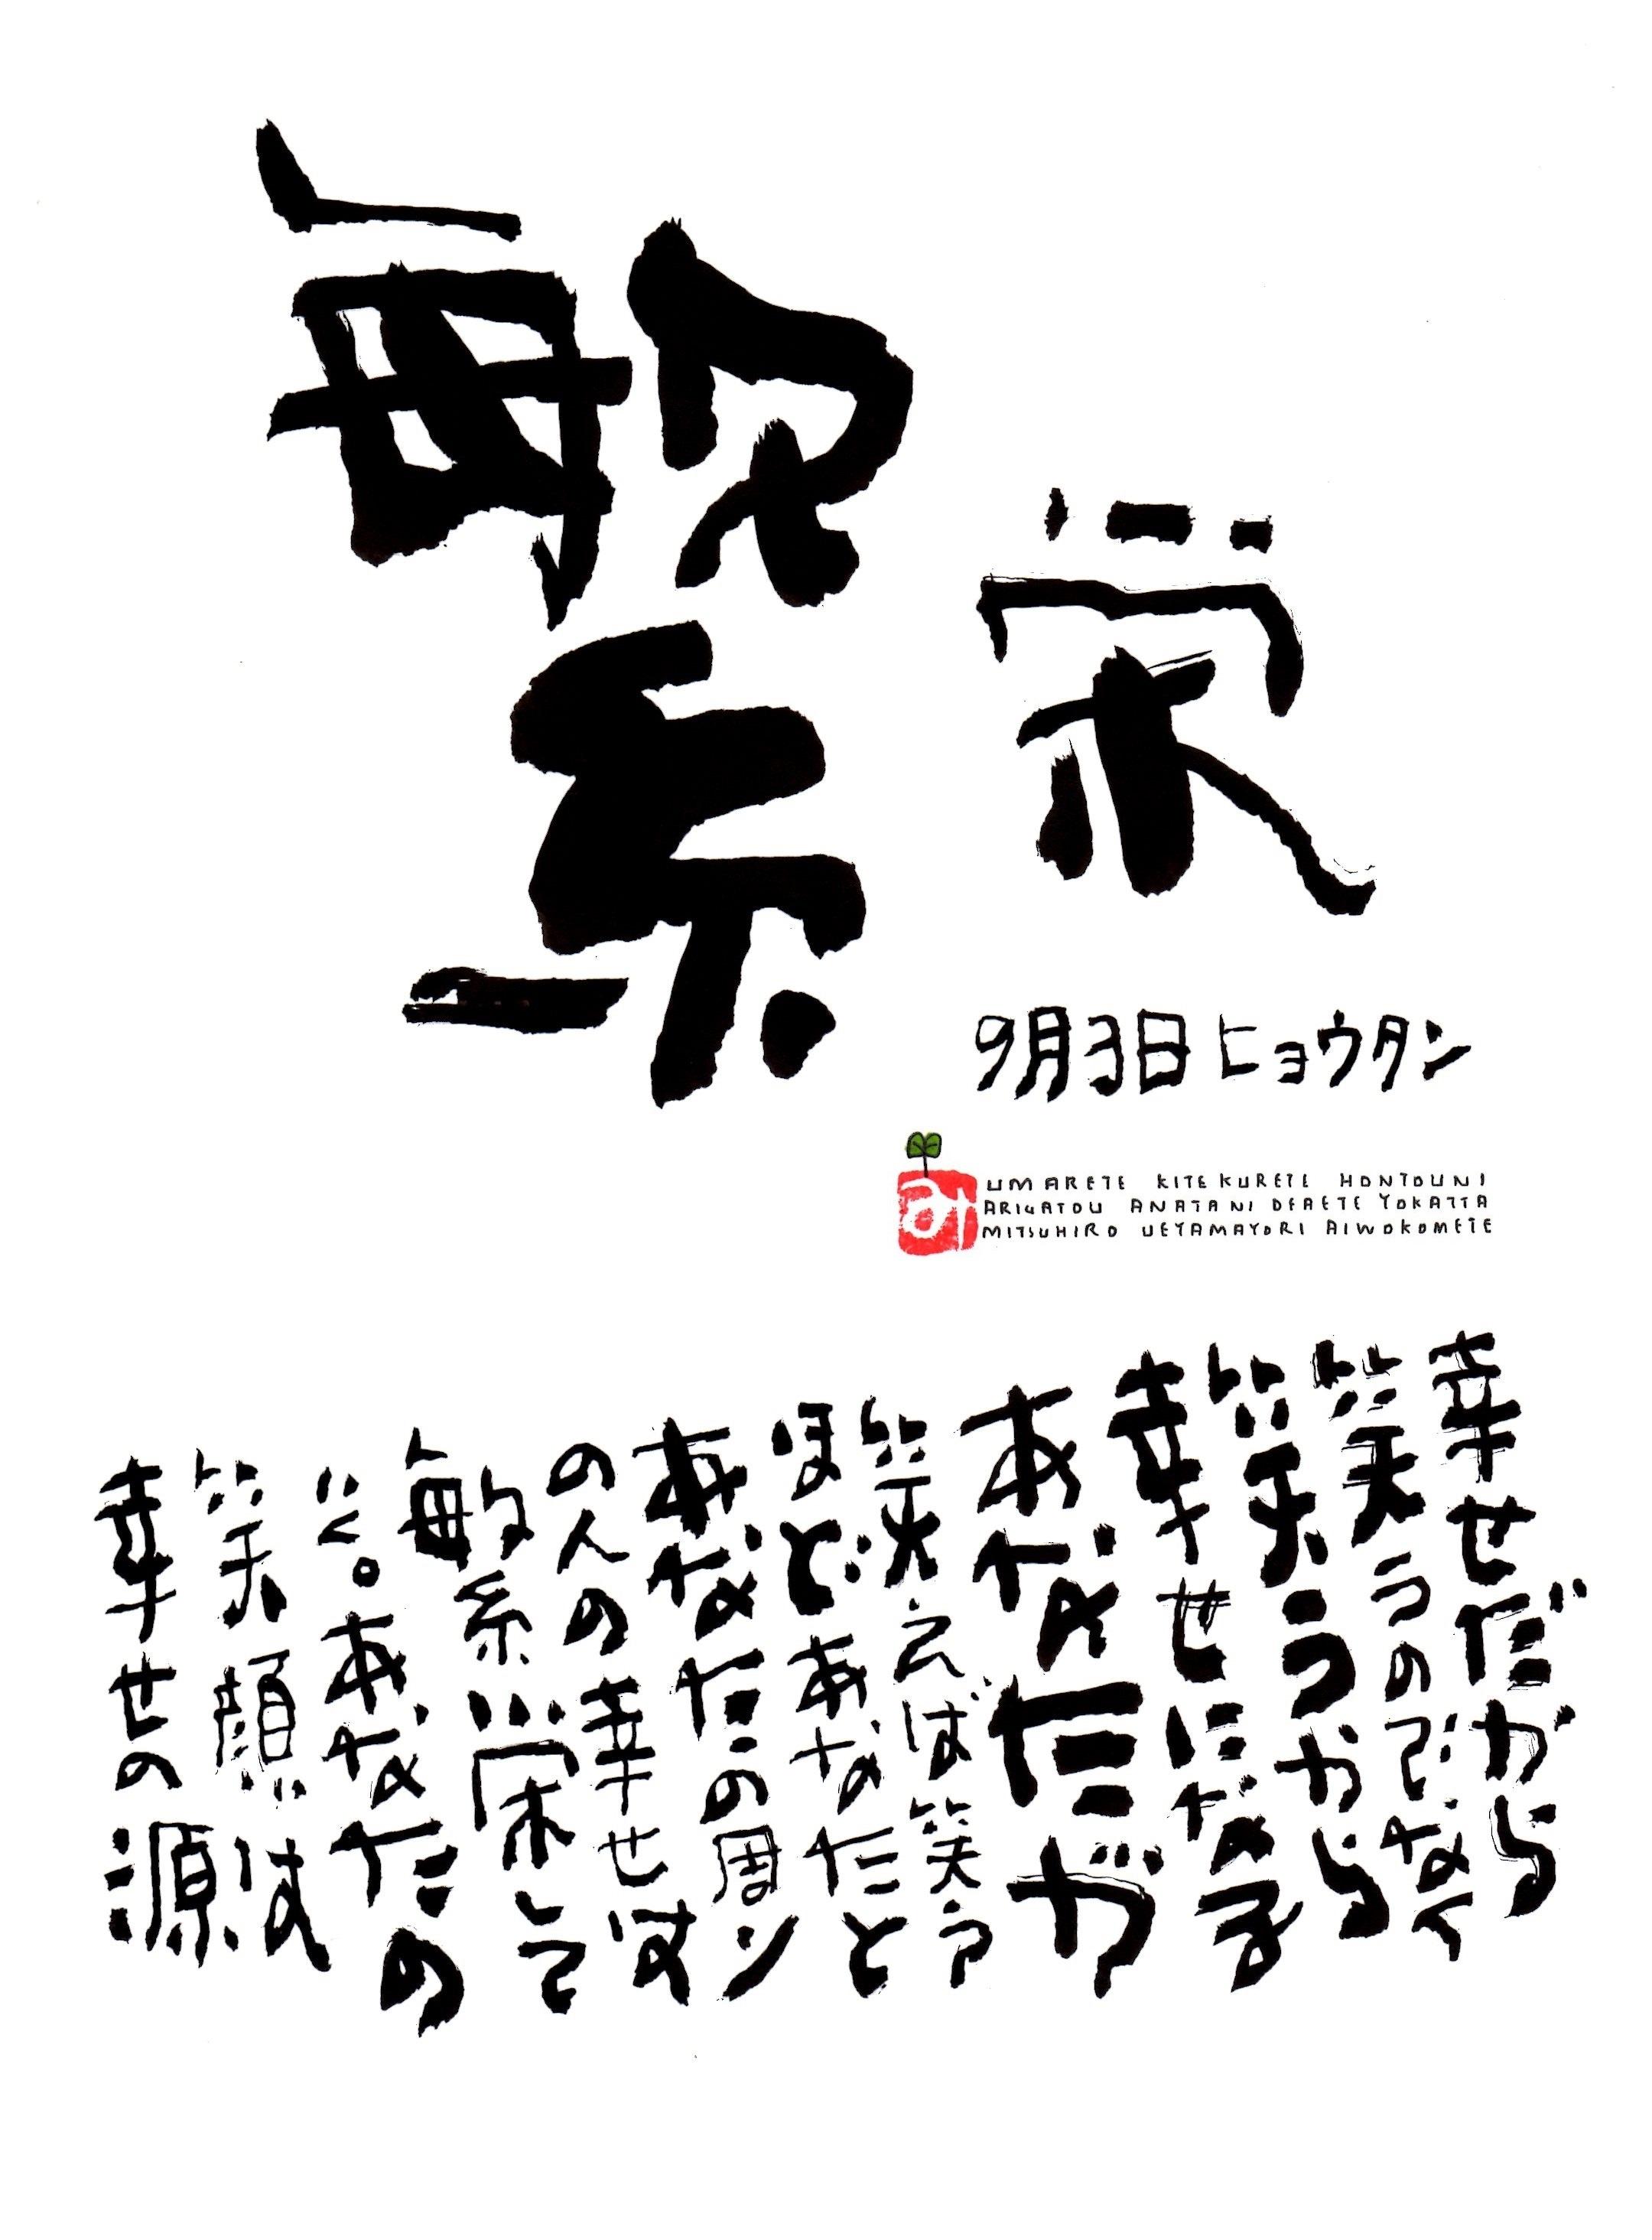 9月3日 誕生日ポストカード【繁栄】prosperity